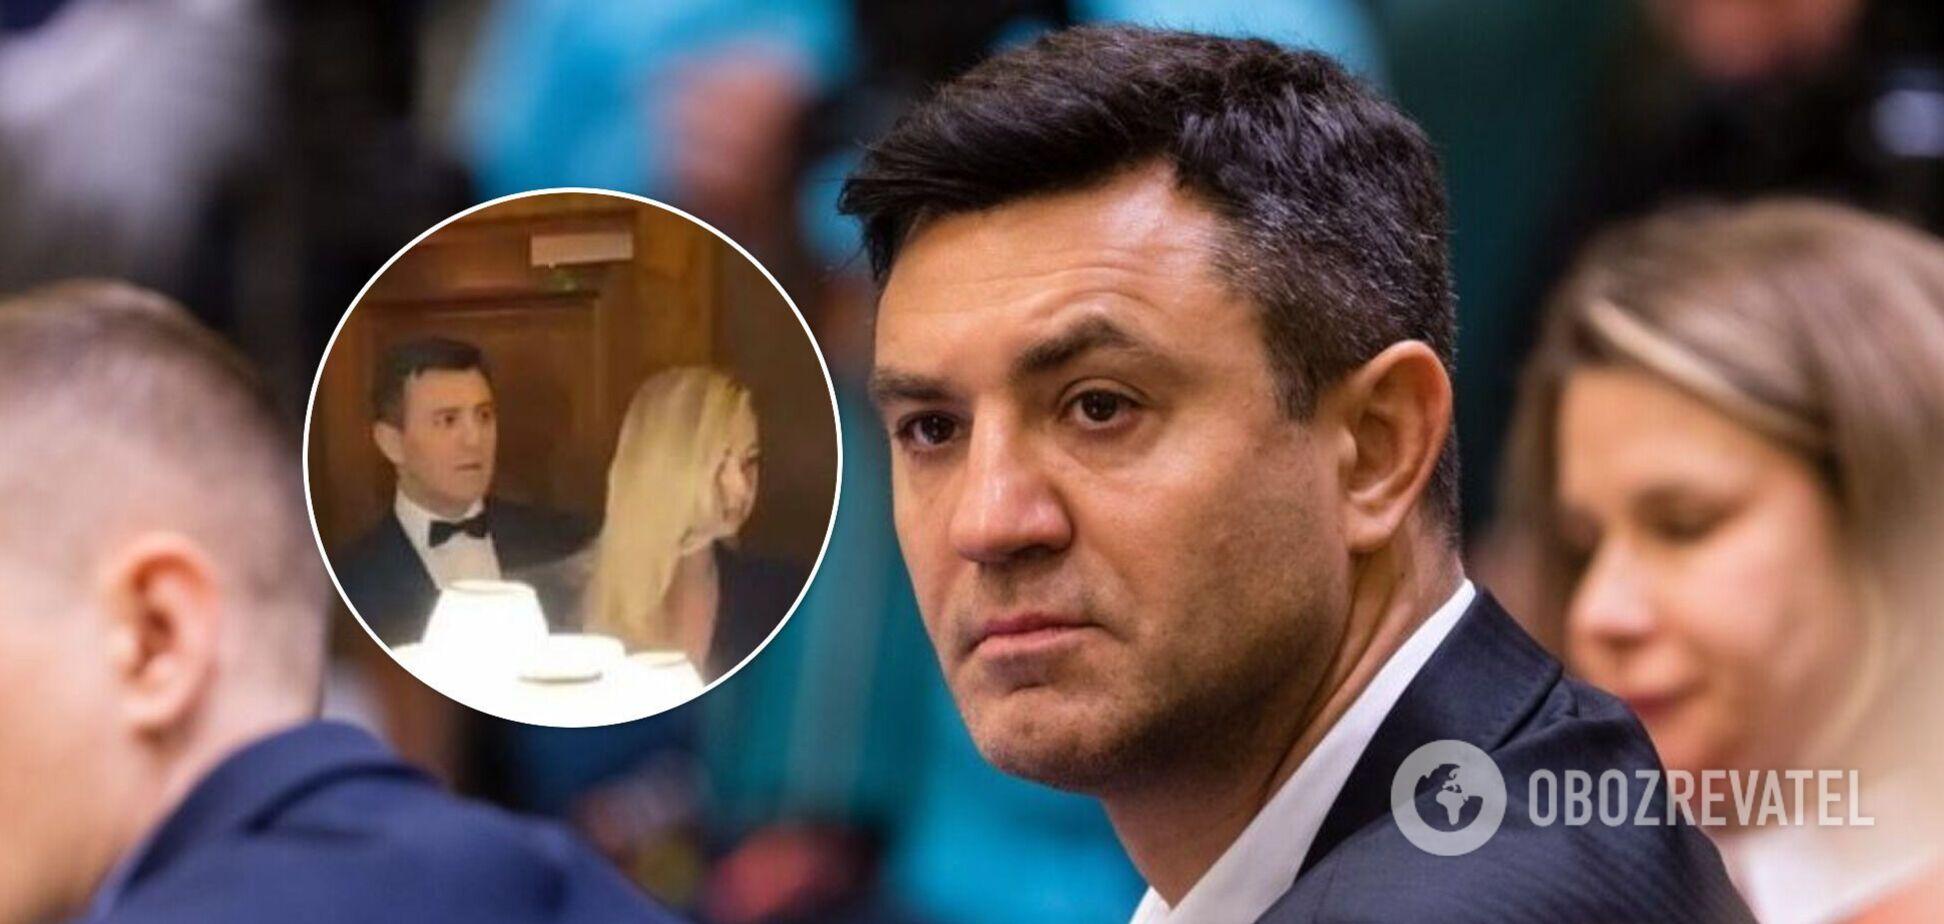 Тищенко заявил, что на вечеринке жены были все переболевшие COVID-19: полный текст 'оправдания'